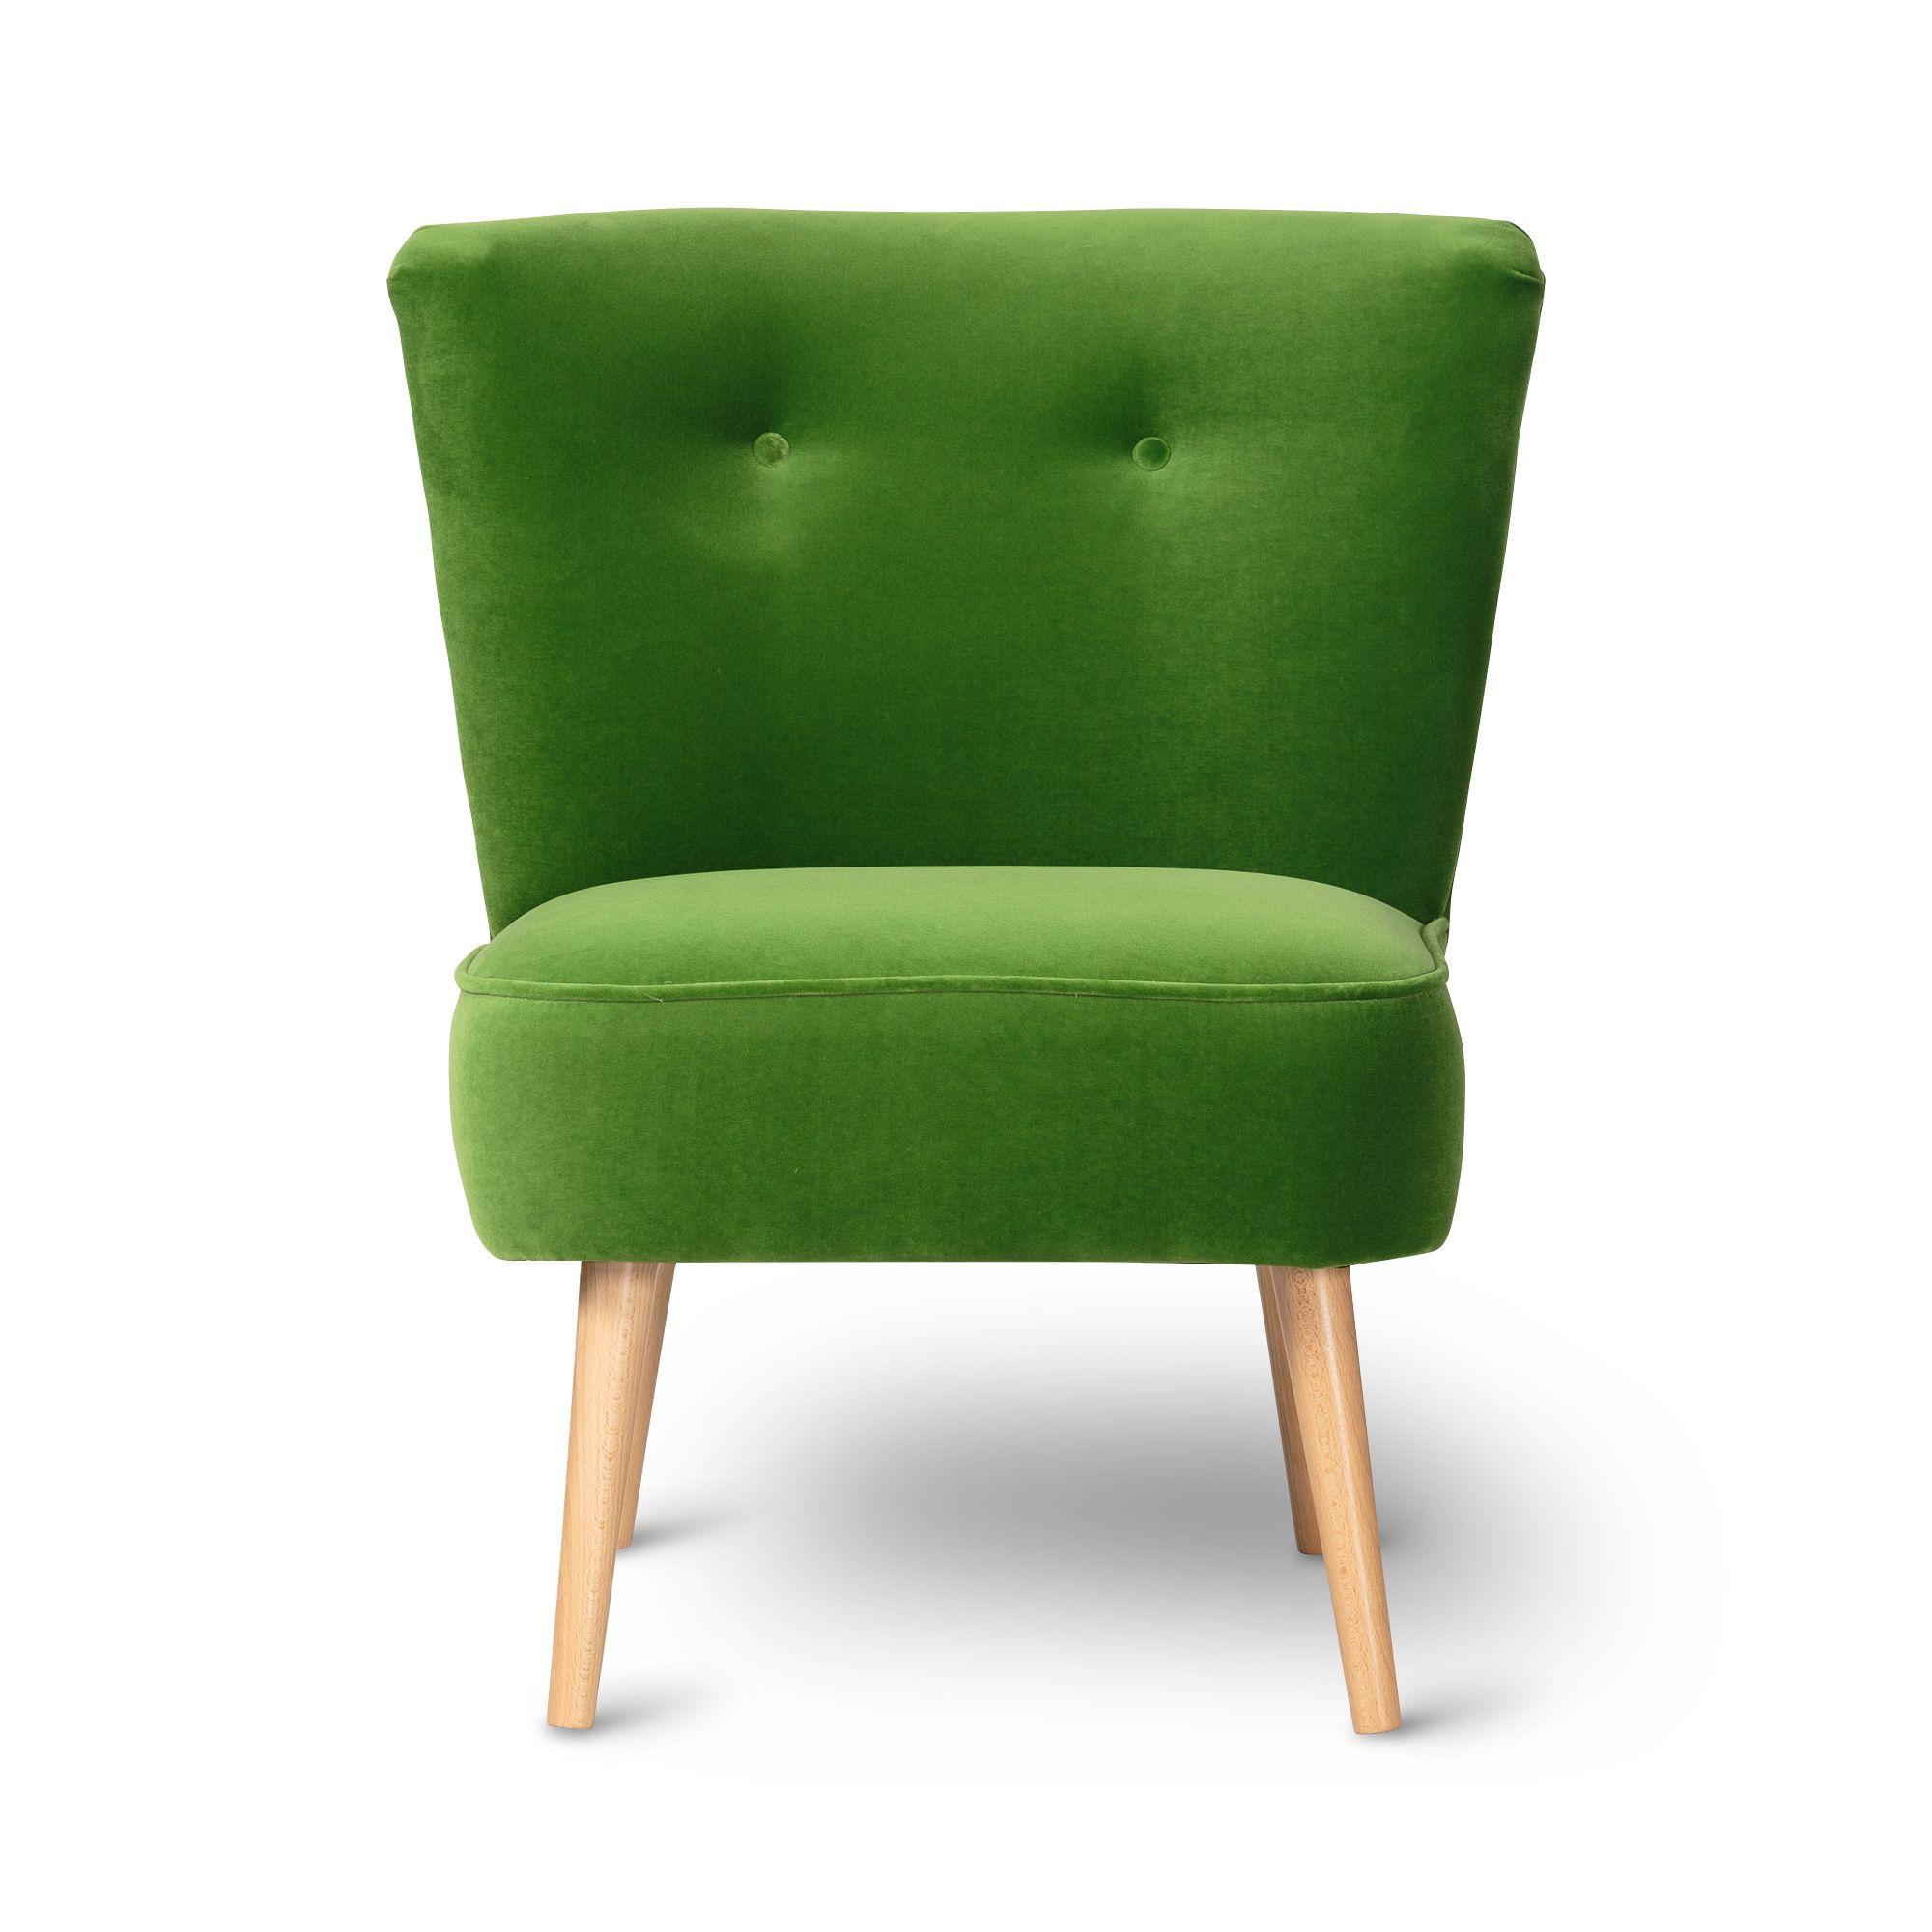 Accessoire Salle De Bain Vert Emeraude ~ buy the emerald le cocktail velvet chair at oliver bonas we deliver